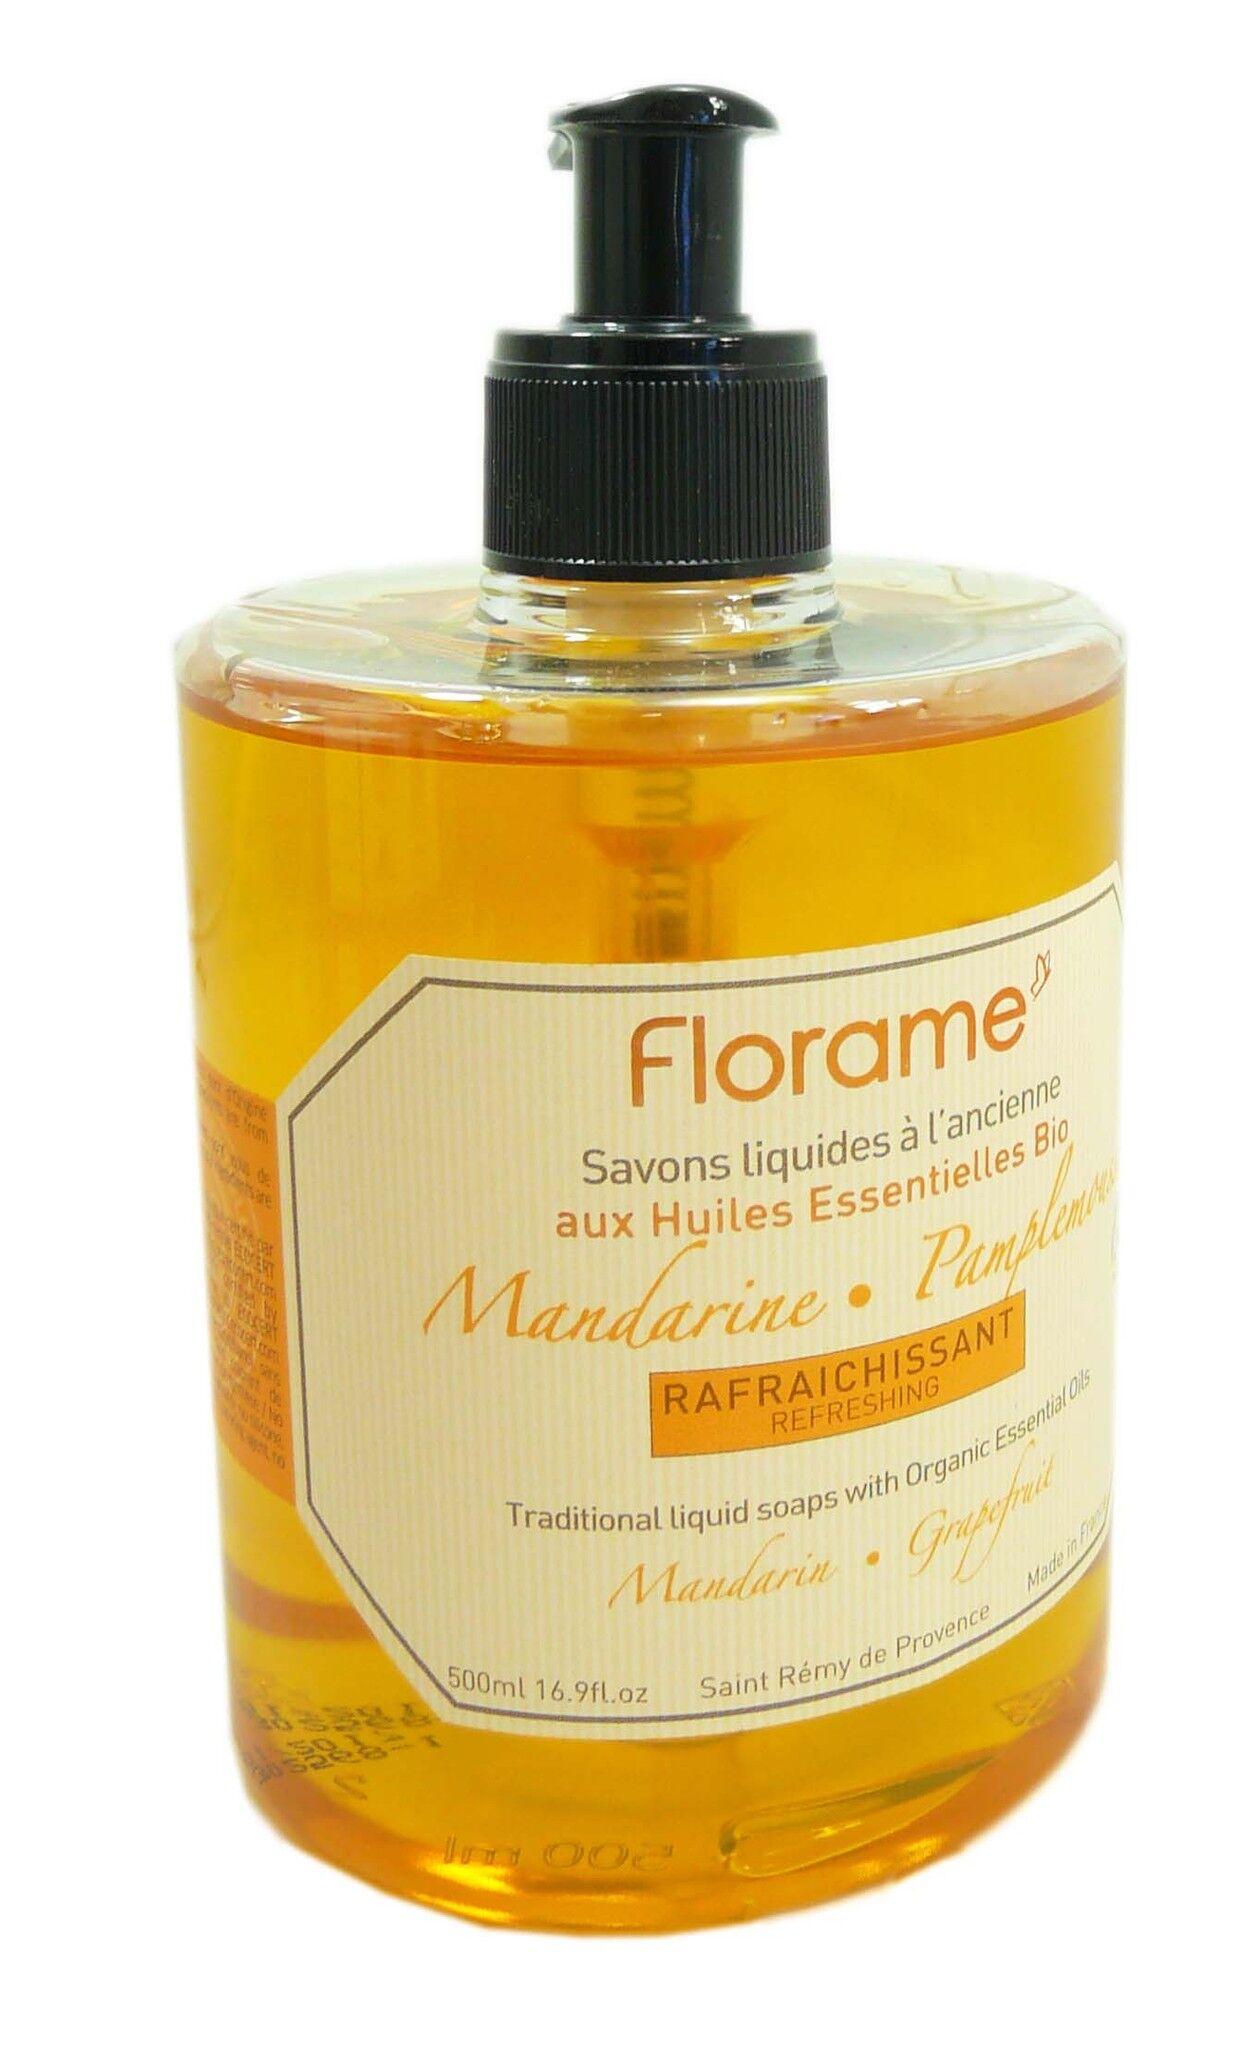 Florame savon liquide mandarine 500ml